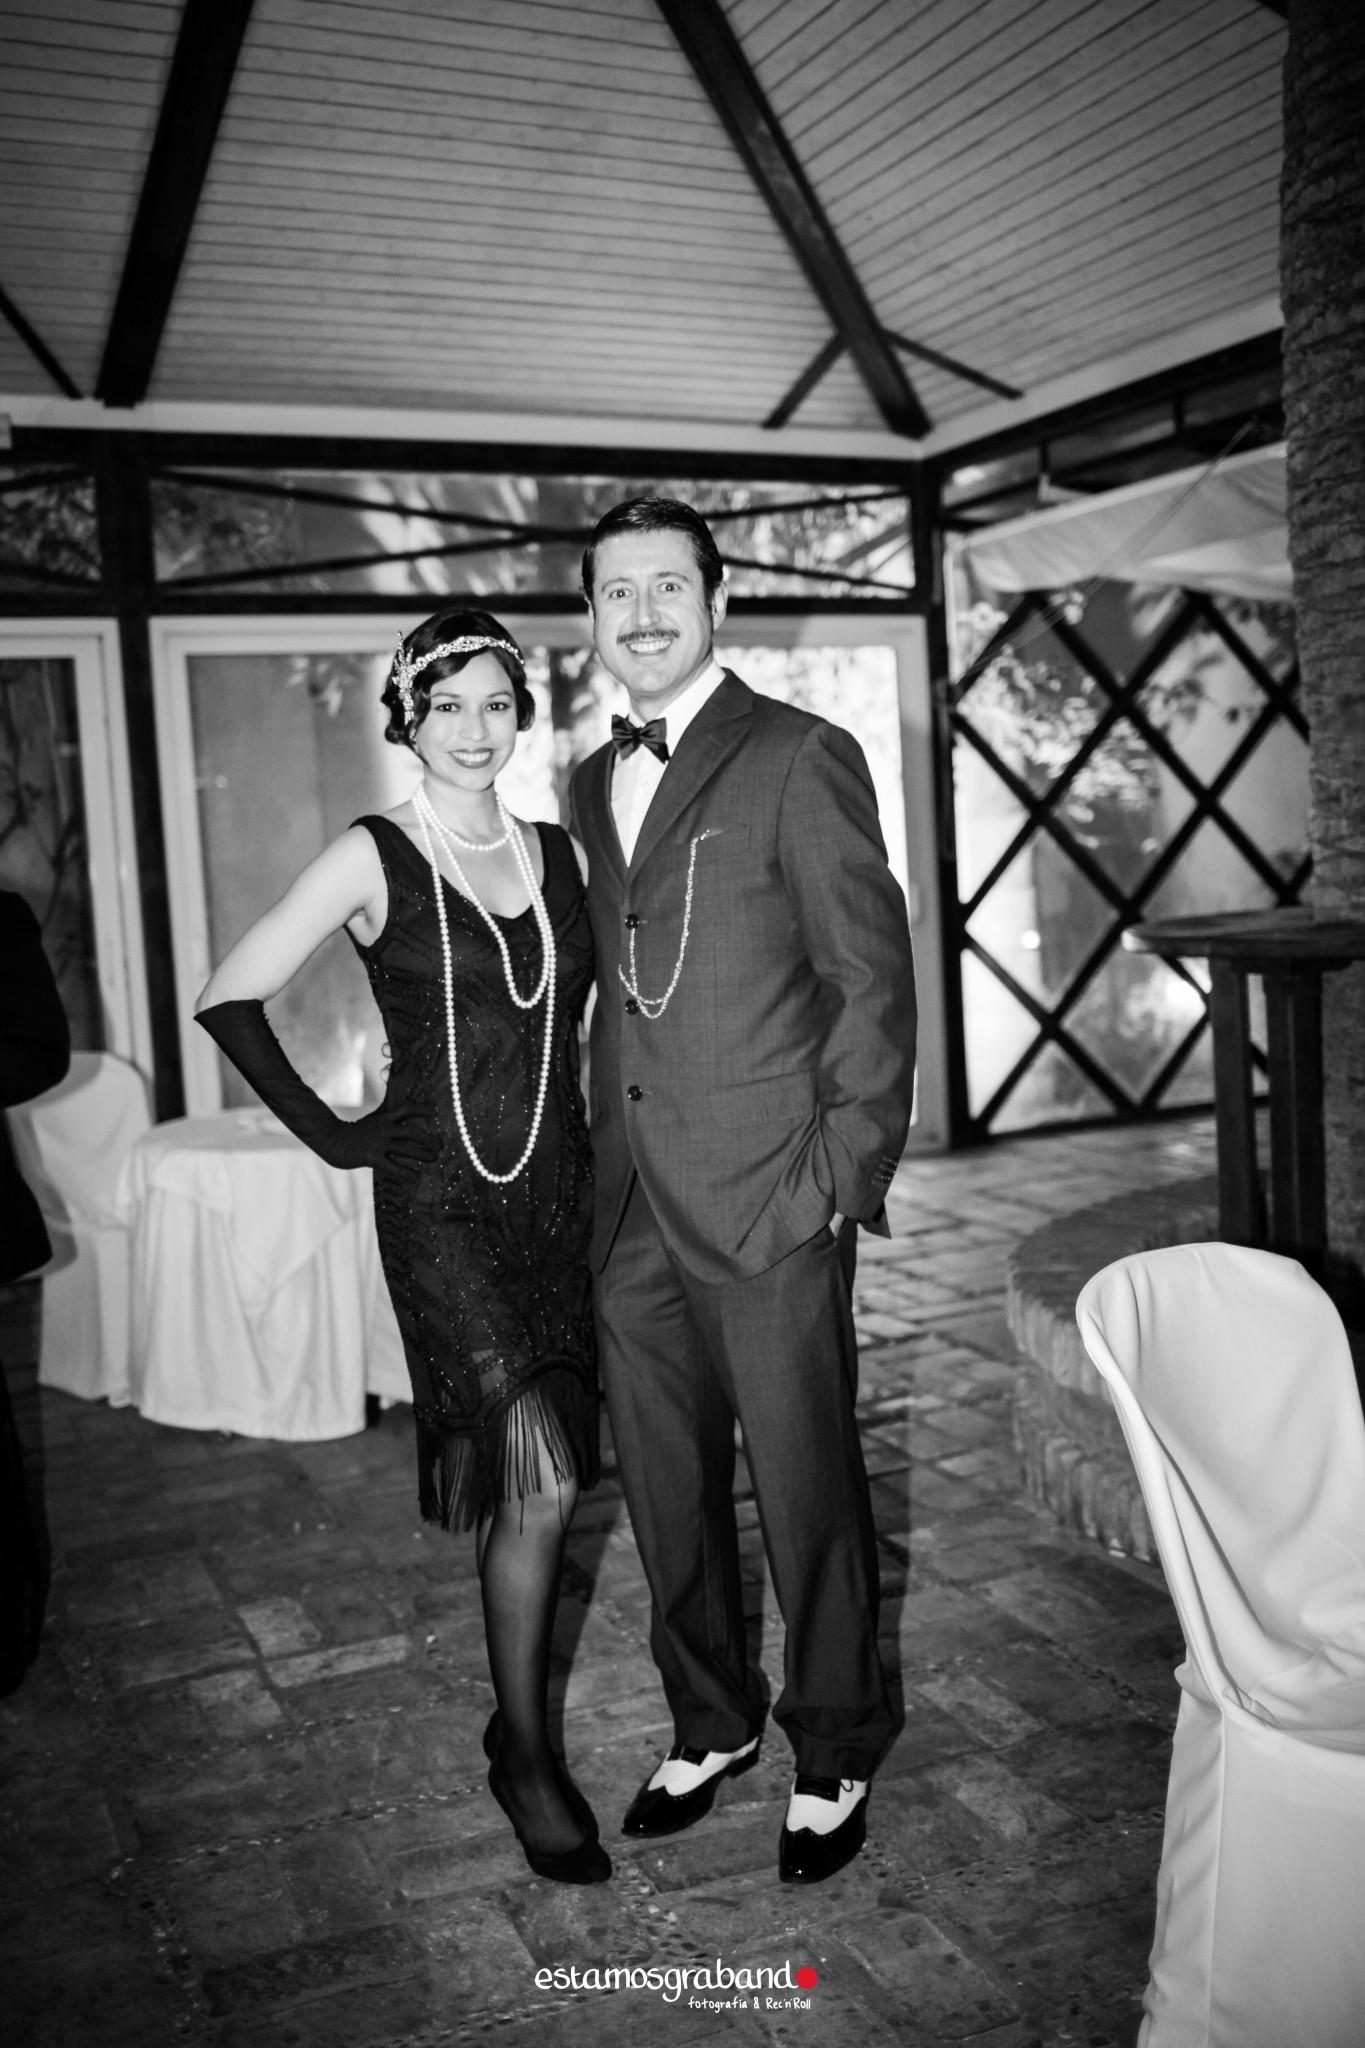 Años-20-BBTP-34-de-109 Los locos Años 20 [Fotografía en La Teta de Julieta, Cádiz] - video boda cadiz